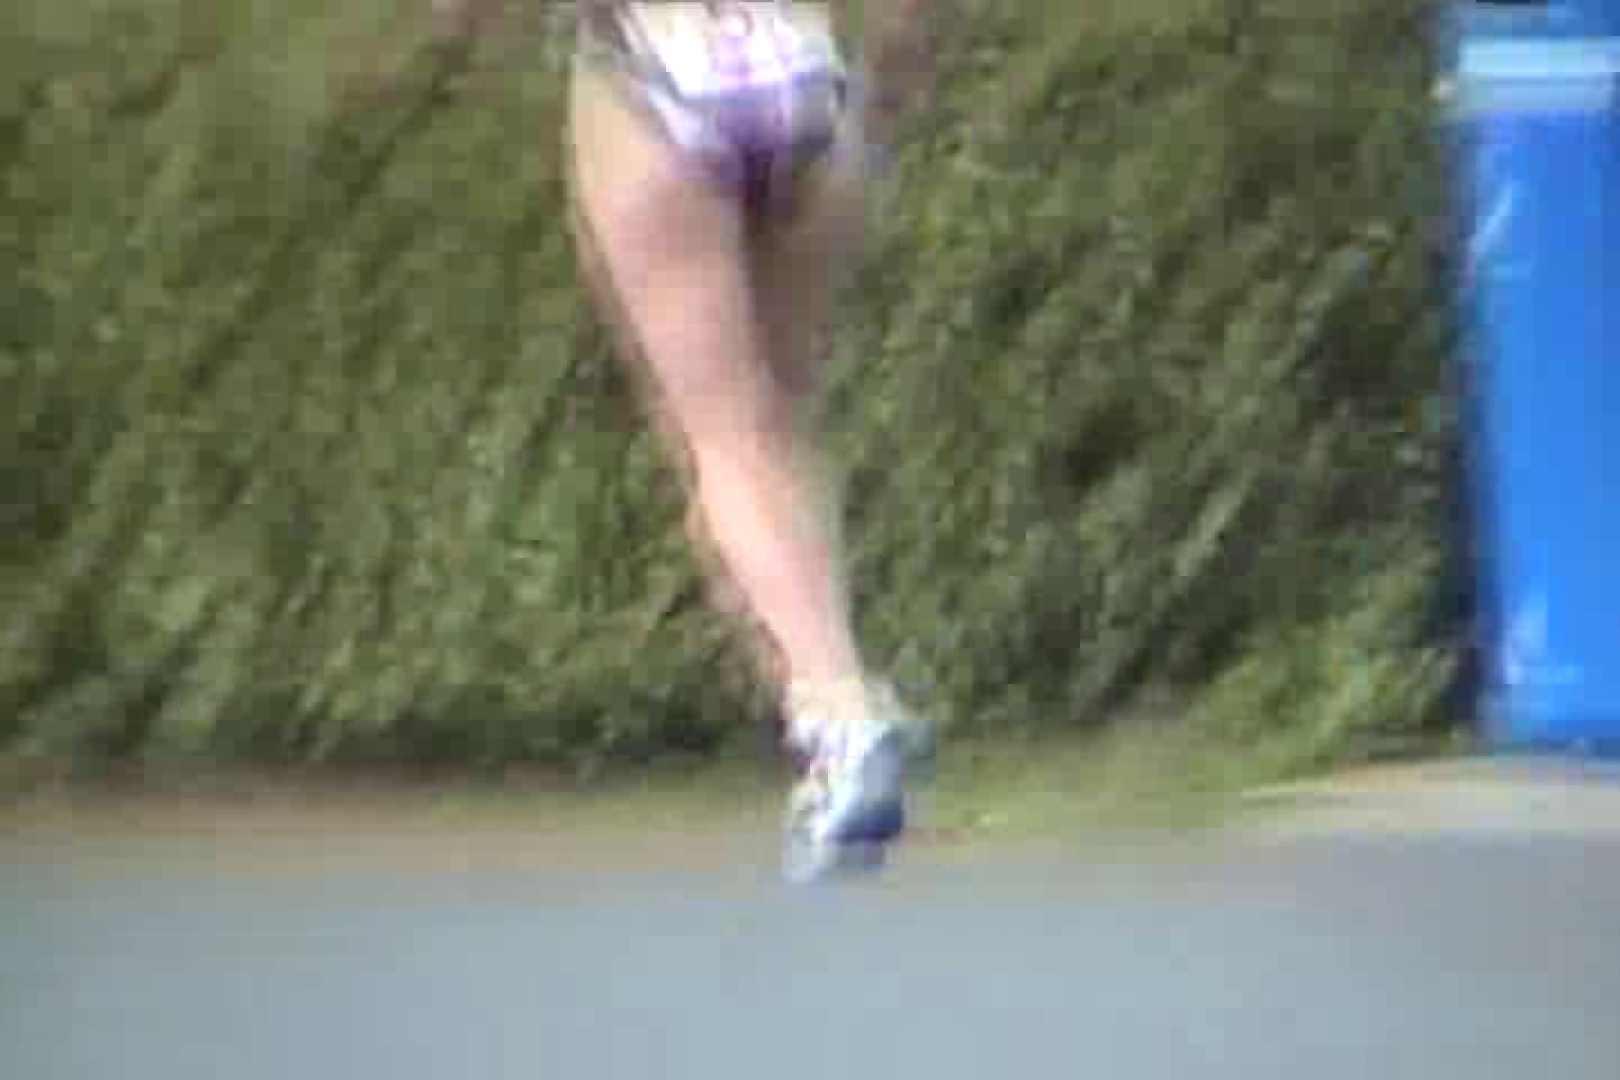 鉄人レース!!トライアスロンに挑む女性達!!Vol.4 貧乳 オマンコ無修正動画無料 56画像 44